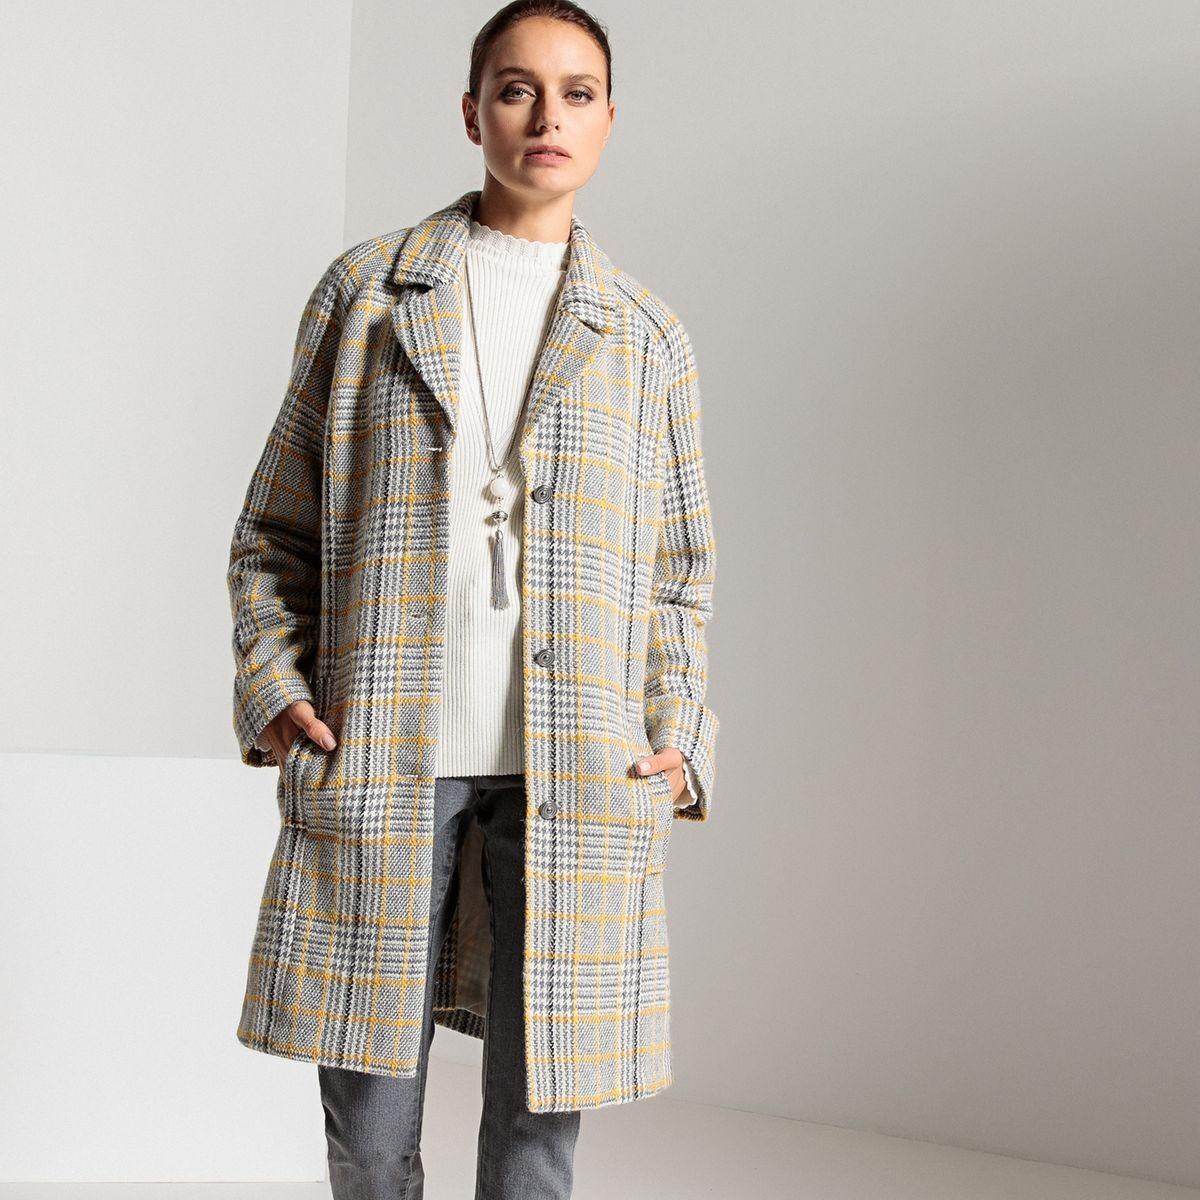 Manteau Ample Mi Long à Carreaux Taille 50 Manteau